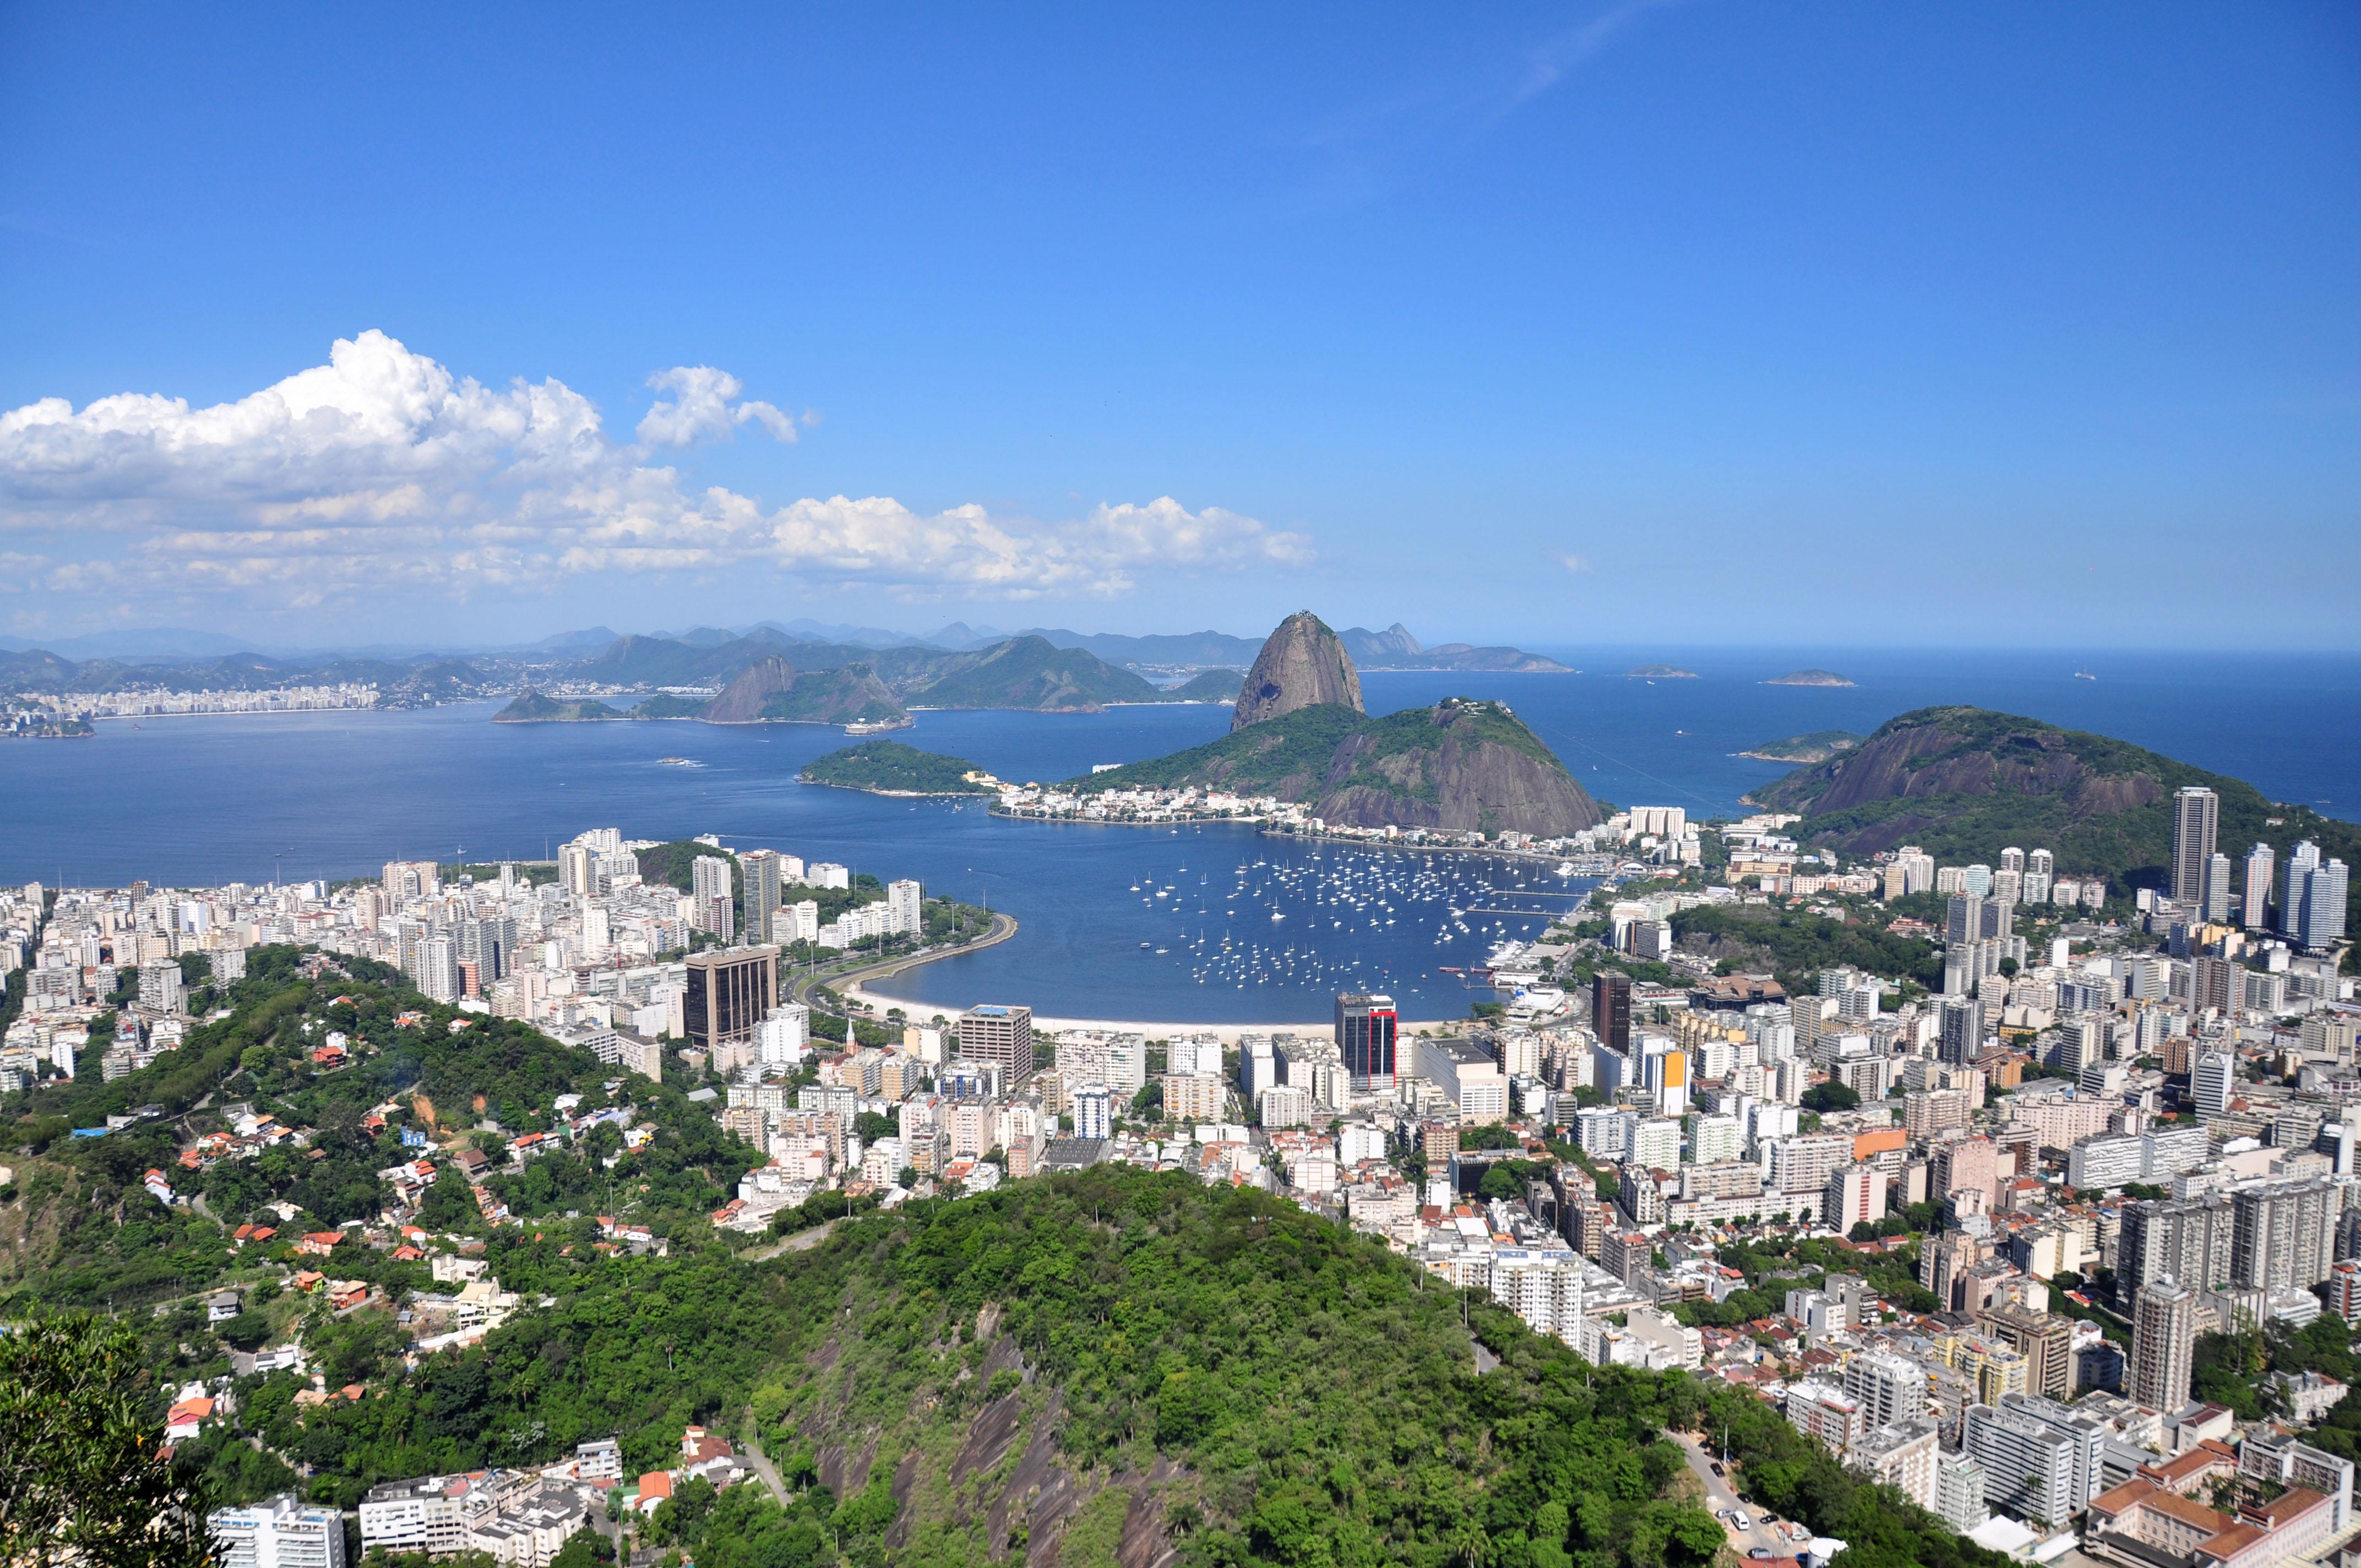 Ontdekking Van Brazilië